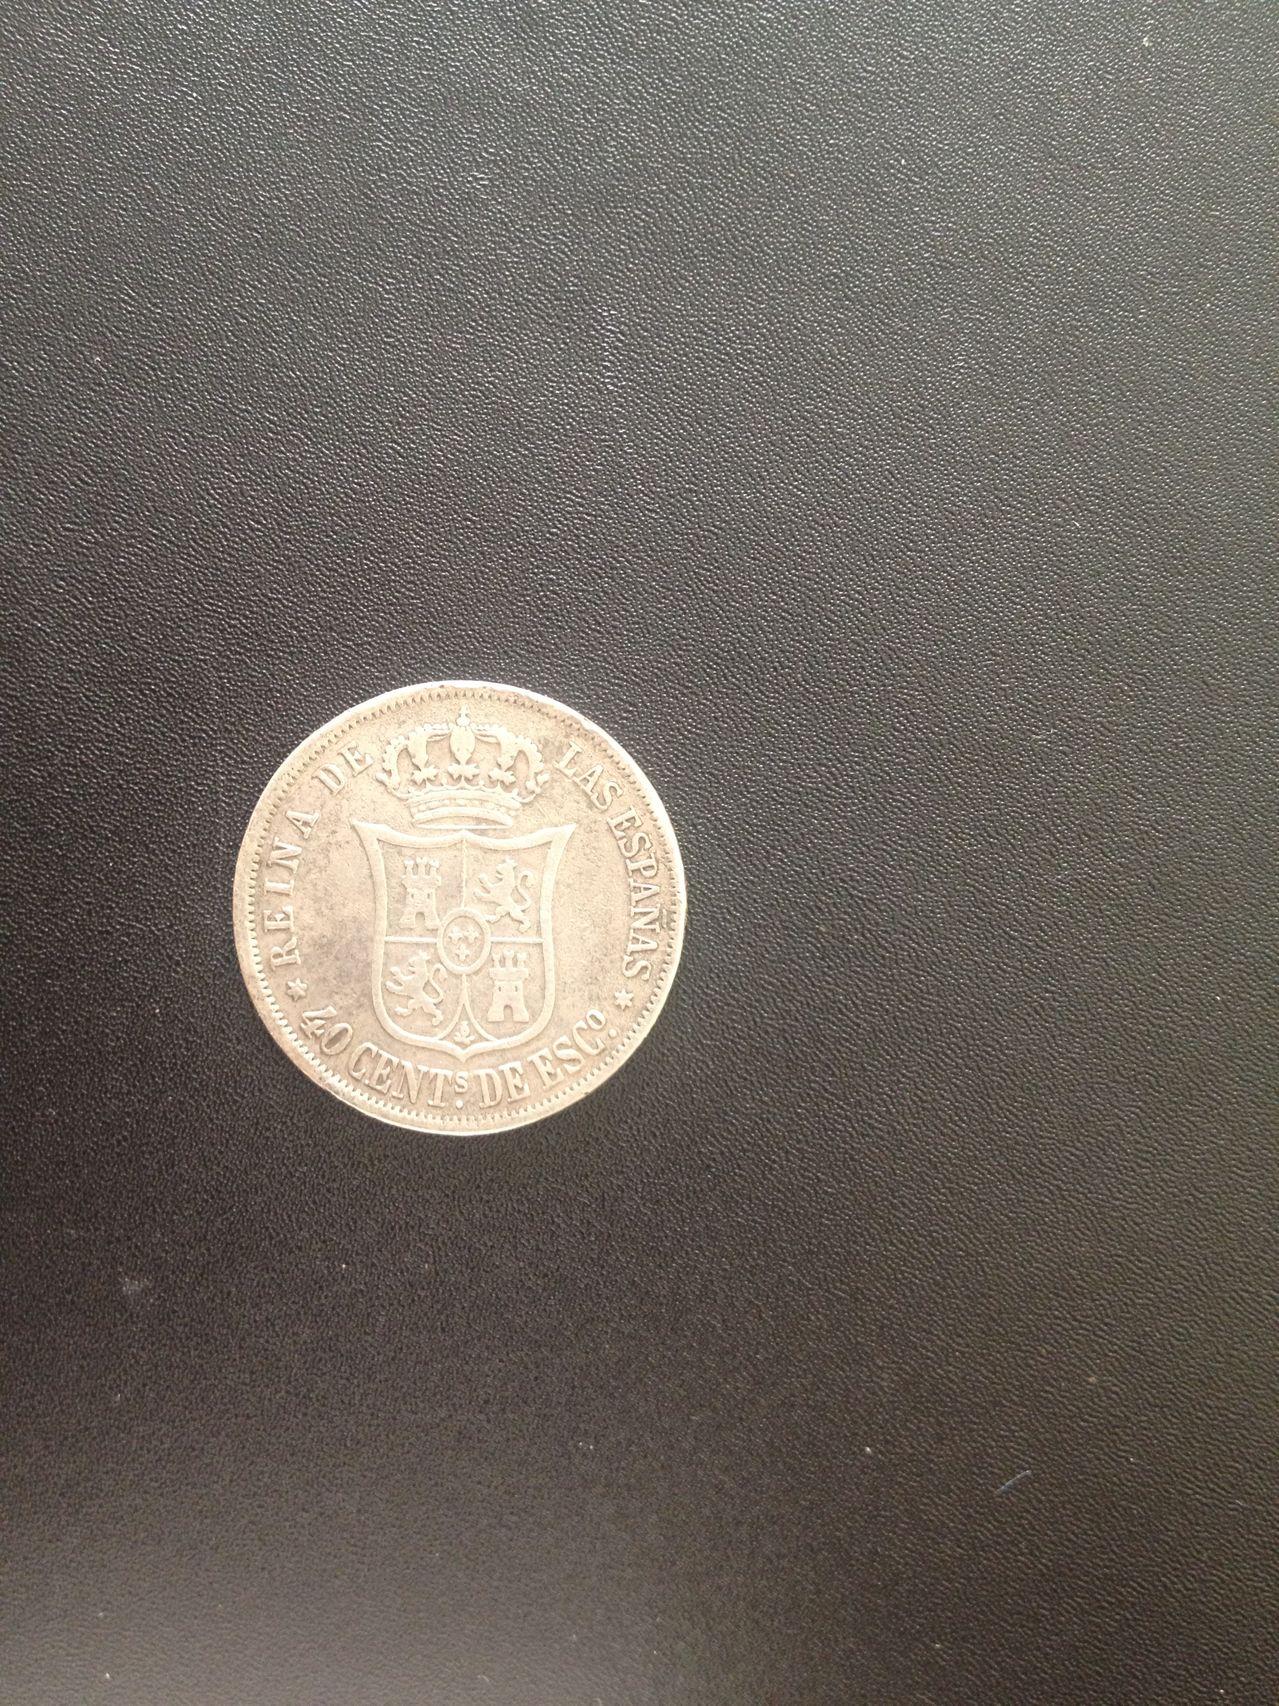 40 Centimos de escudo 1866 Isabel II - Madrid. IMG_2187